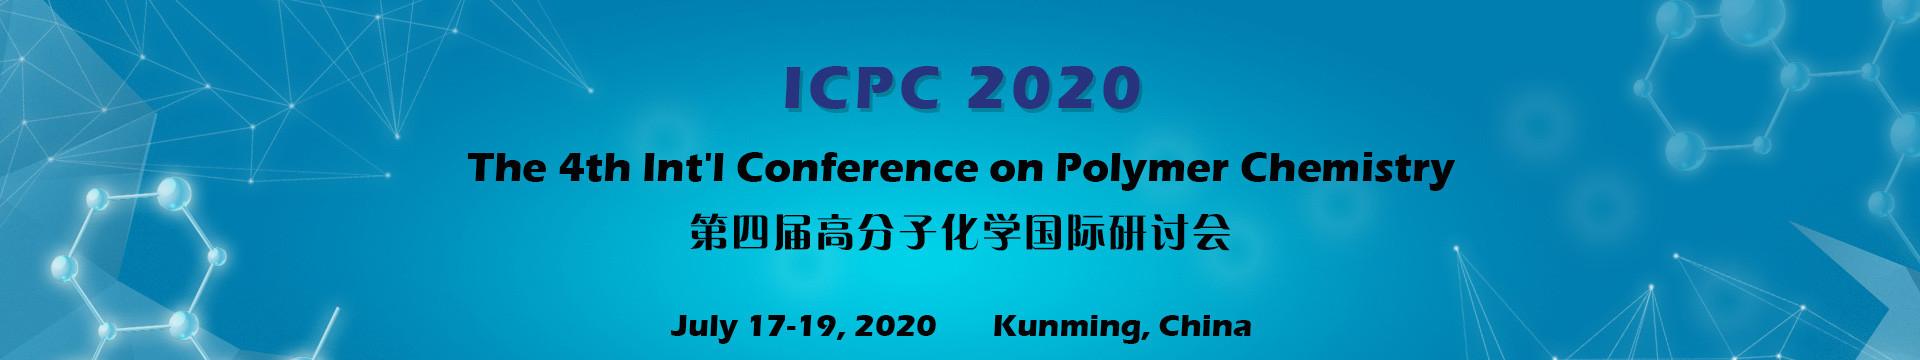 第四届高分子化学国际研讨会(ICPC 2020)